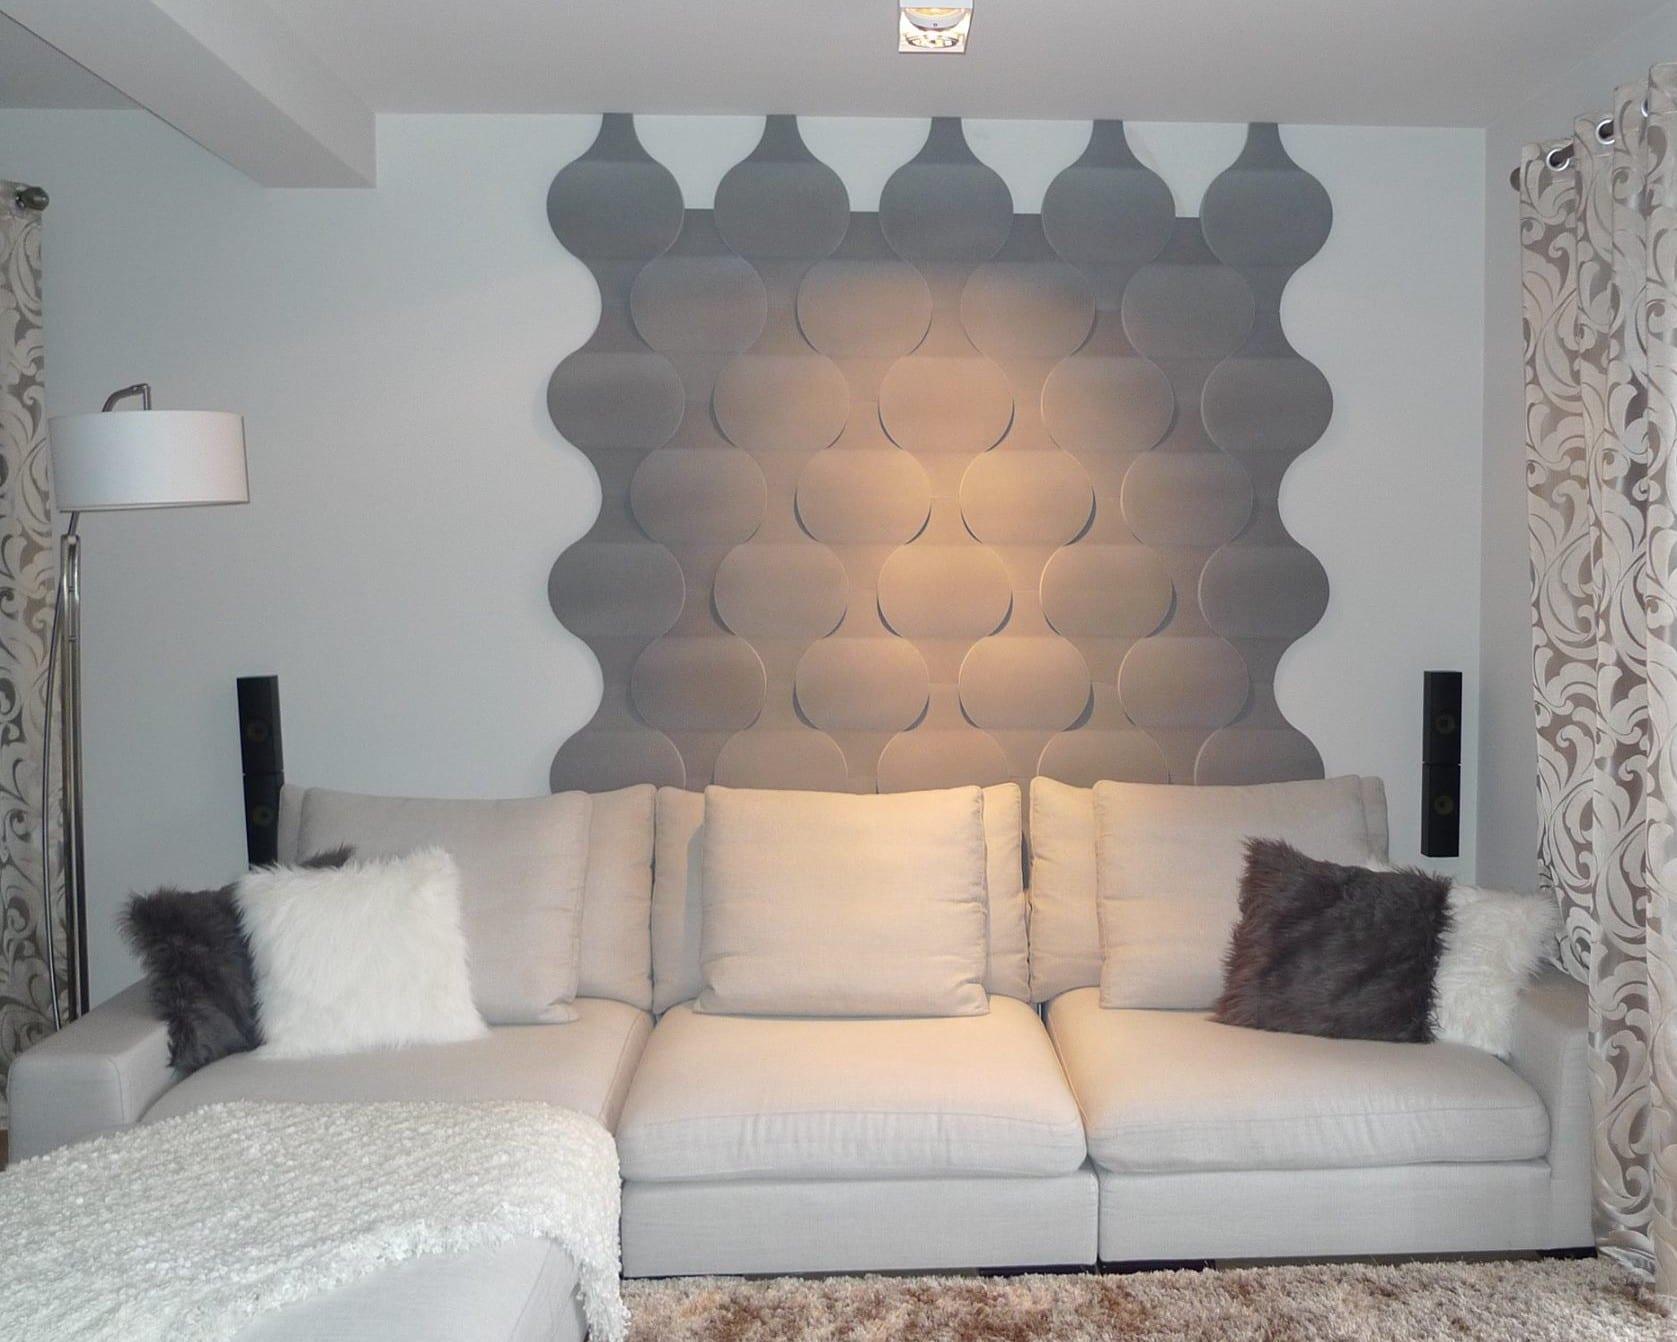 kreative wohnideen fr kleines wohnzimmer und moderne wandgestaltung in grau  fresHouse